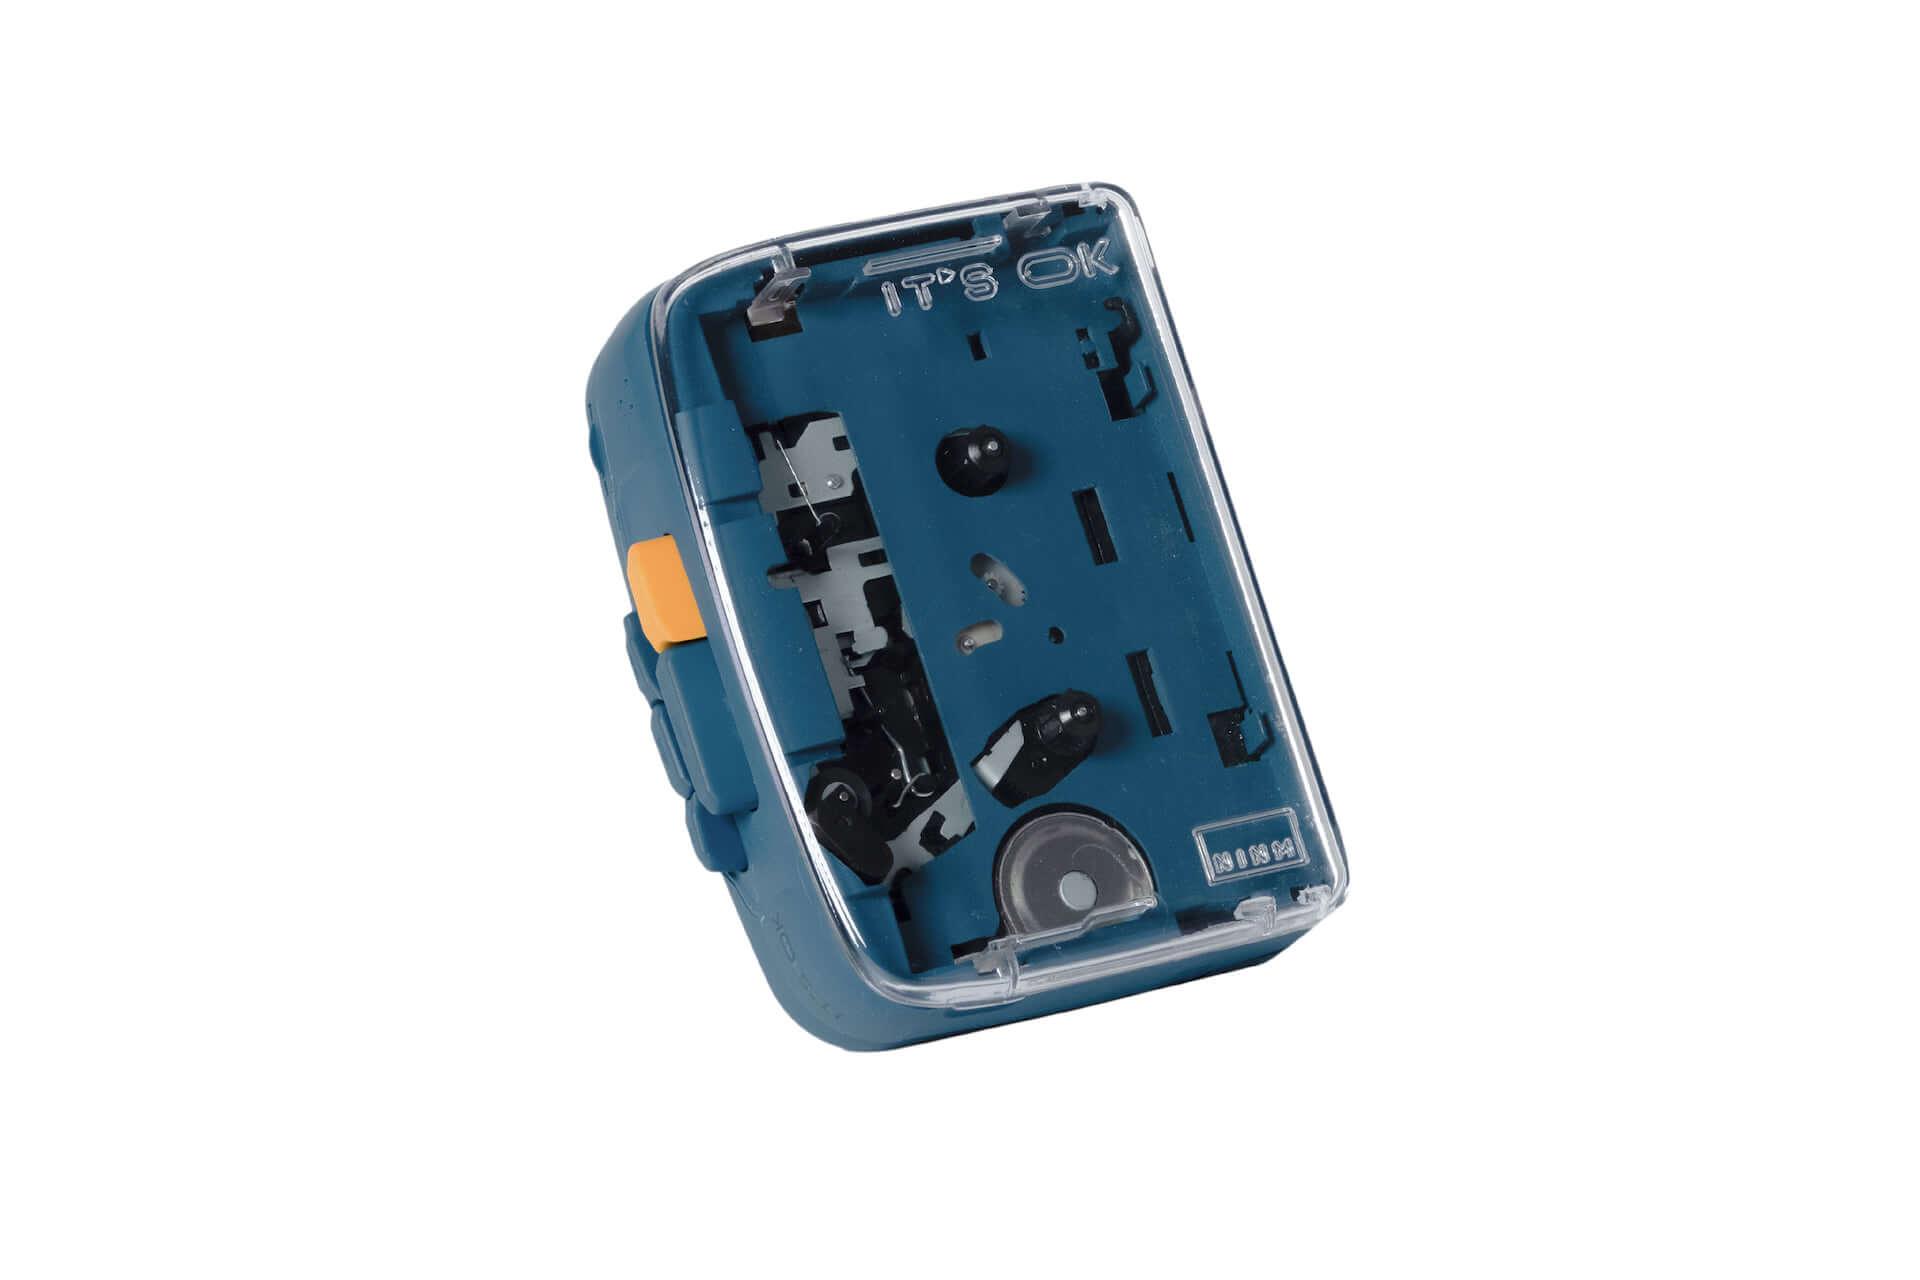 世界初!Bluetooth 5.0対応カセットプレイヤー「IT'S OK」が登場|最新の音楽をレトロな音質で堪能 technology190705itsok-bluetooth_7-1920x1280